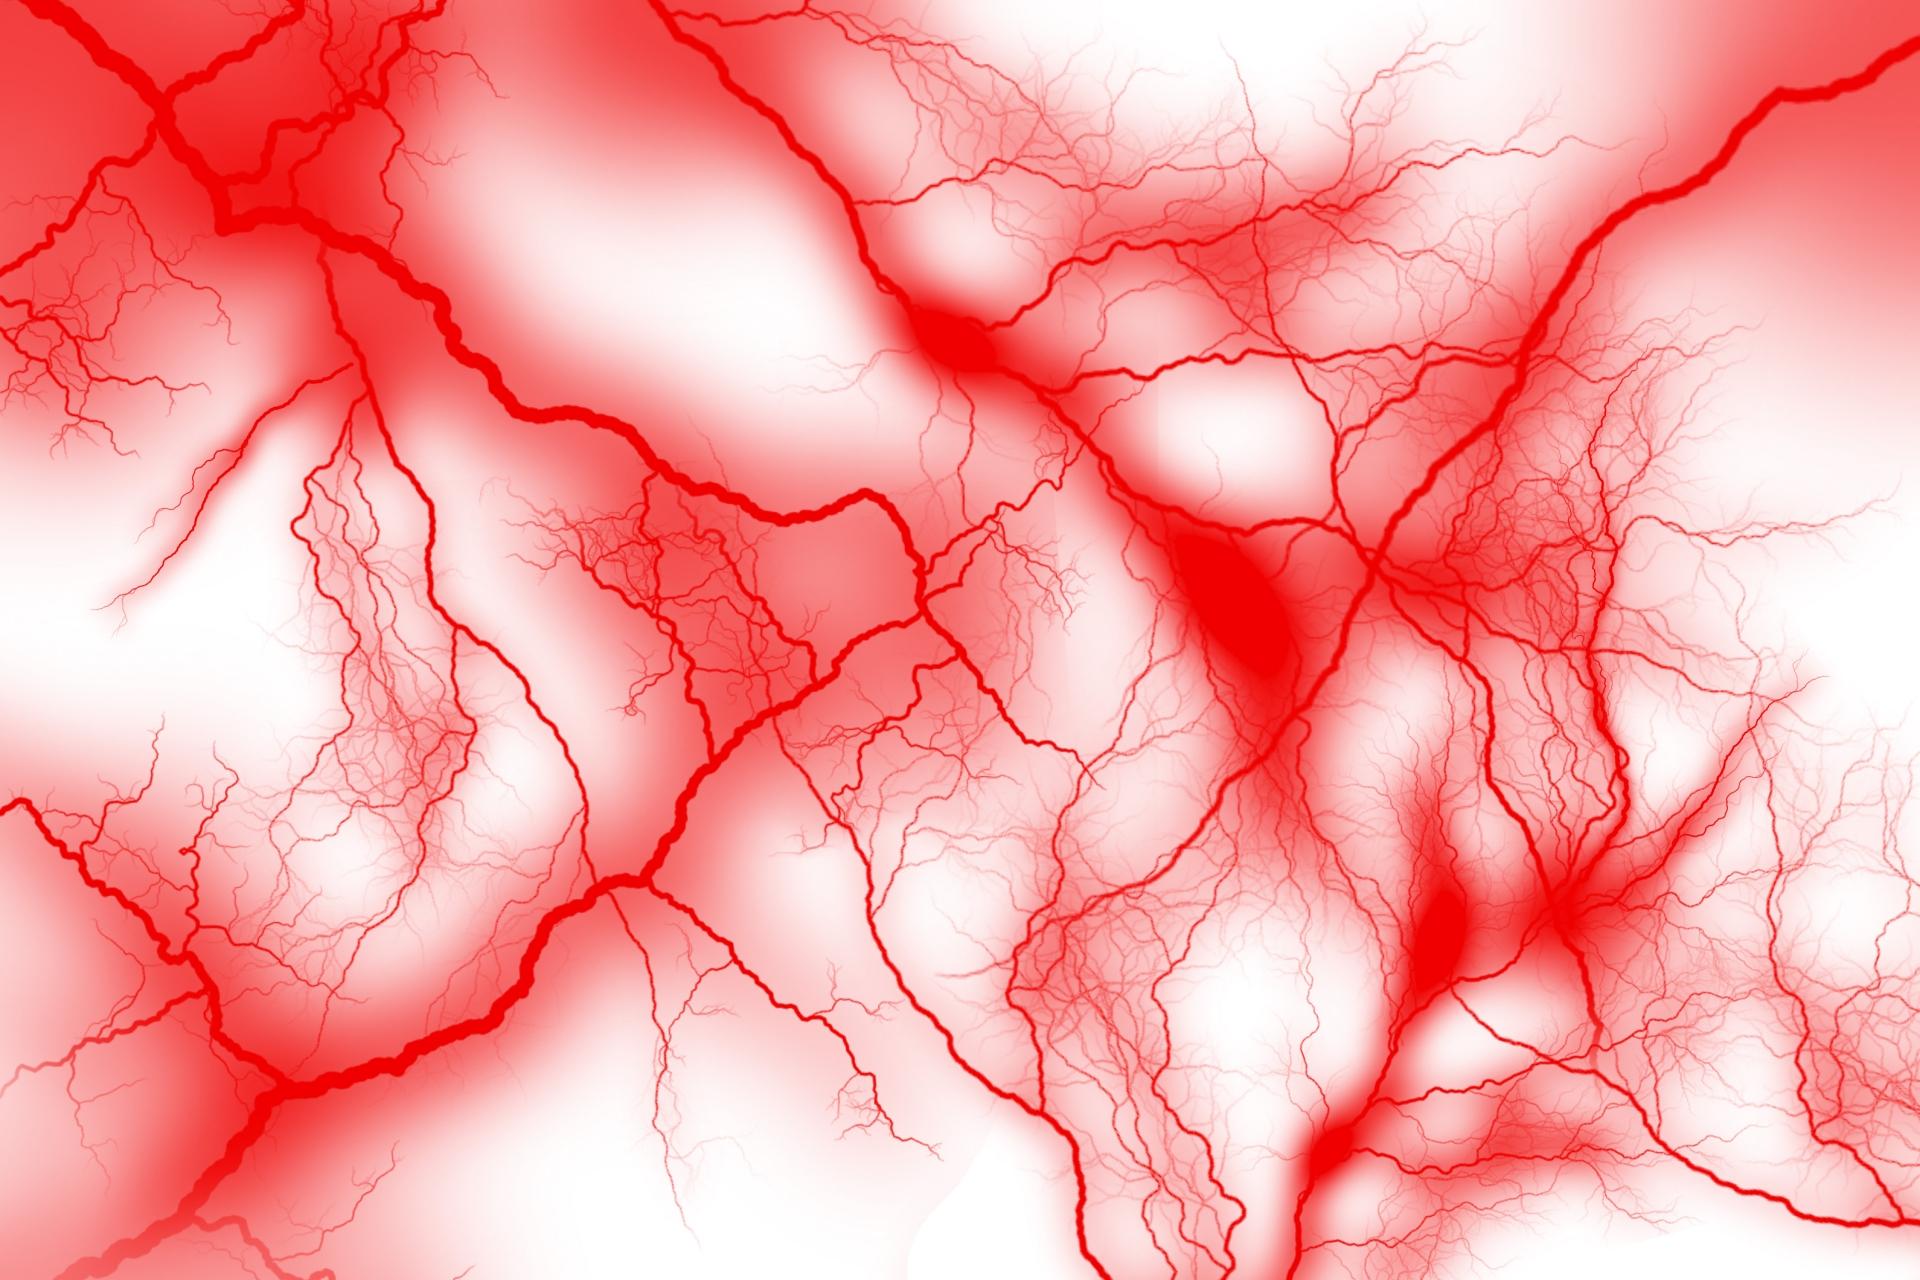 老後を健康に過ごすために!動脈硬化や脳梗塞の予防につながる油とは?